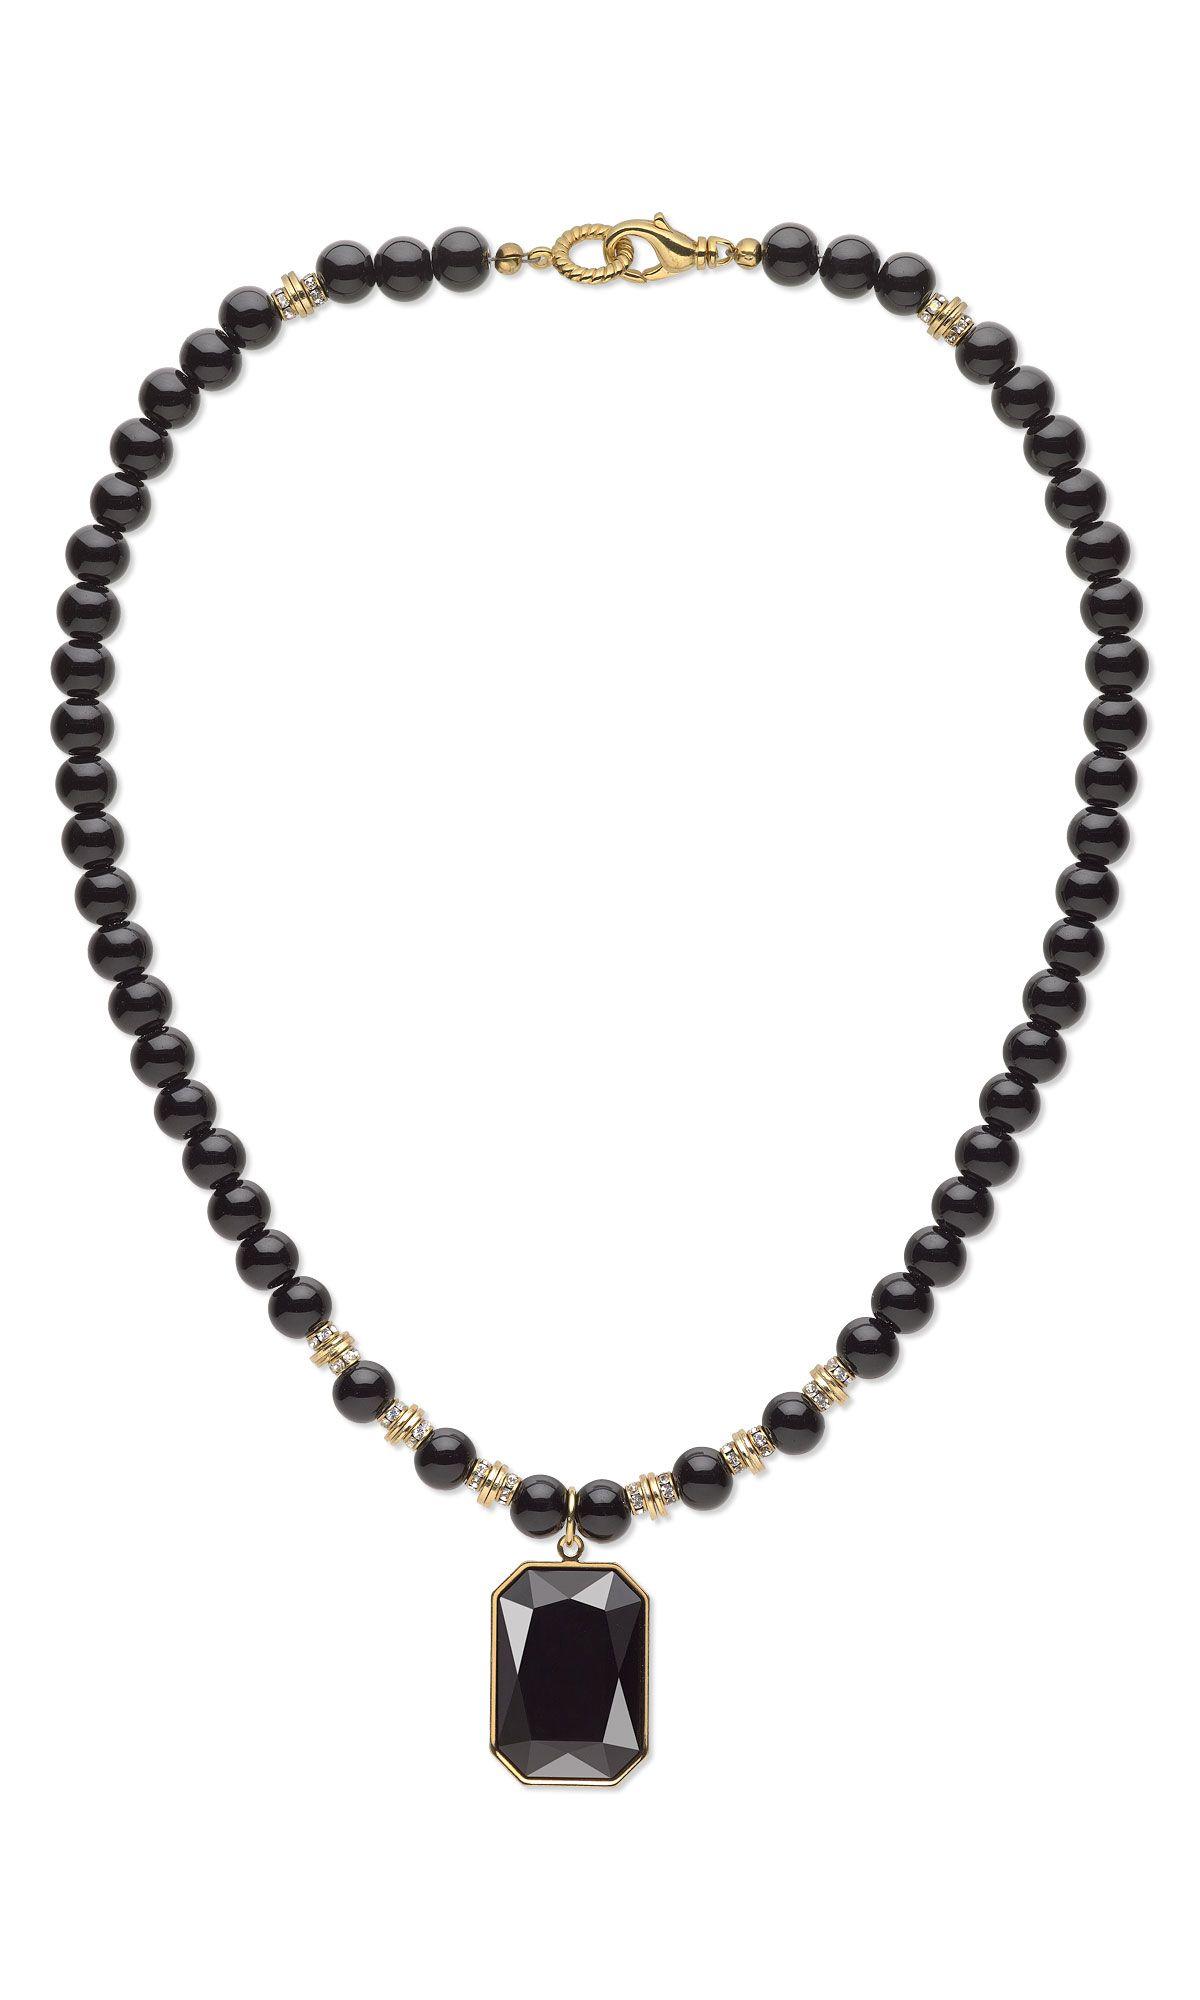 Jewelry Design - Single-Strand Necklace with Swarovski Crystal ...